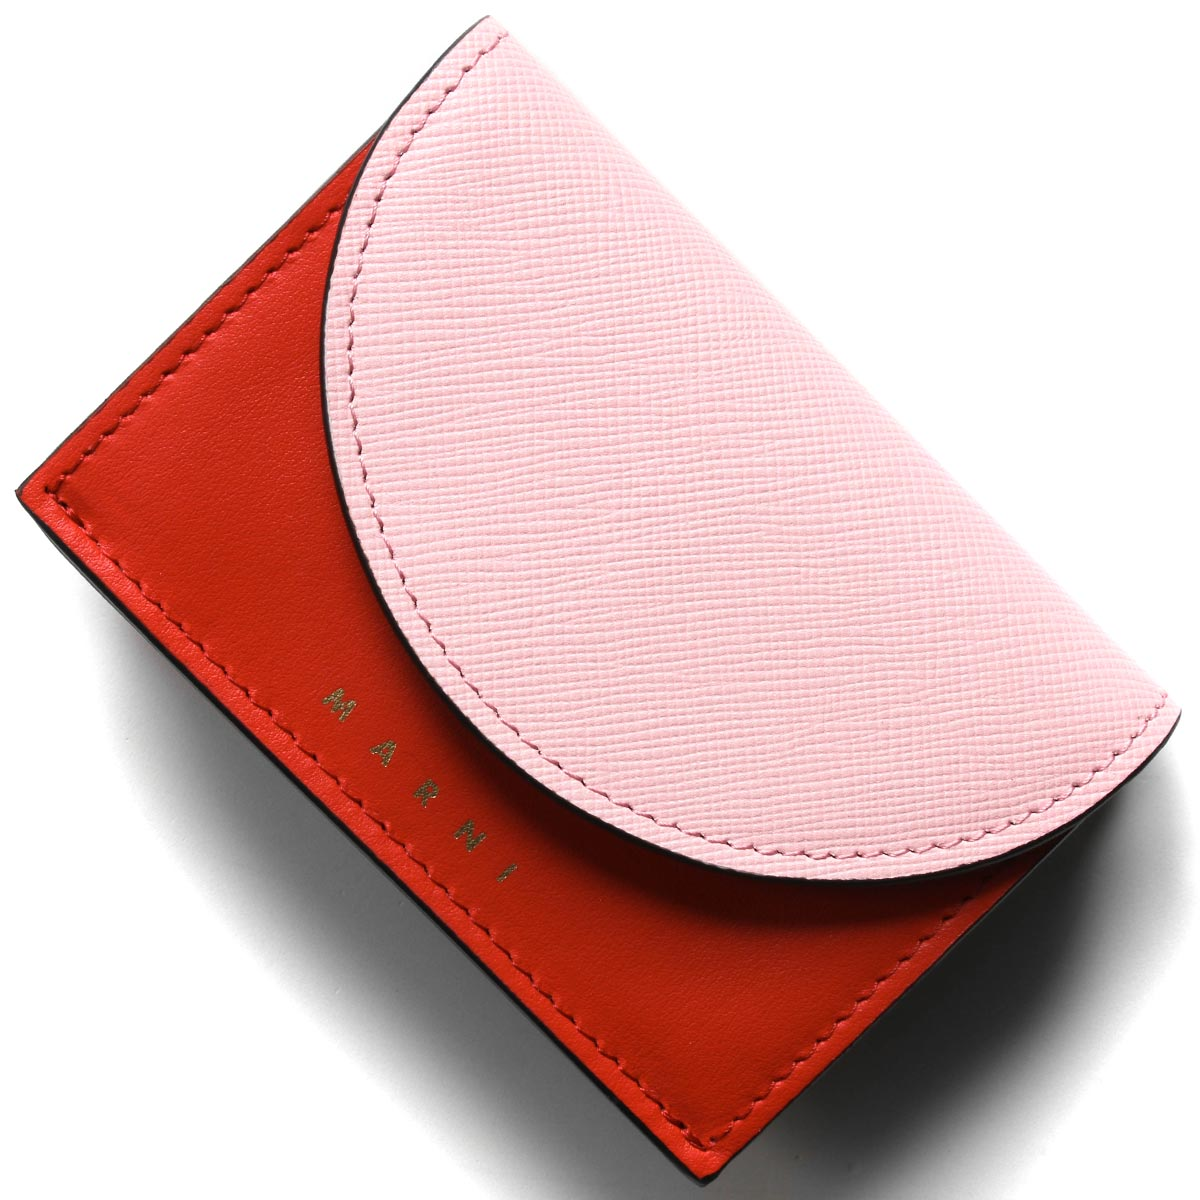 マルニ 三つ折り財布/ミニ財布 財布 レディース シンダーローズピンク&レッド&マロンブラウン PFMO0001Q2 LV589 Z2G08 MARNI